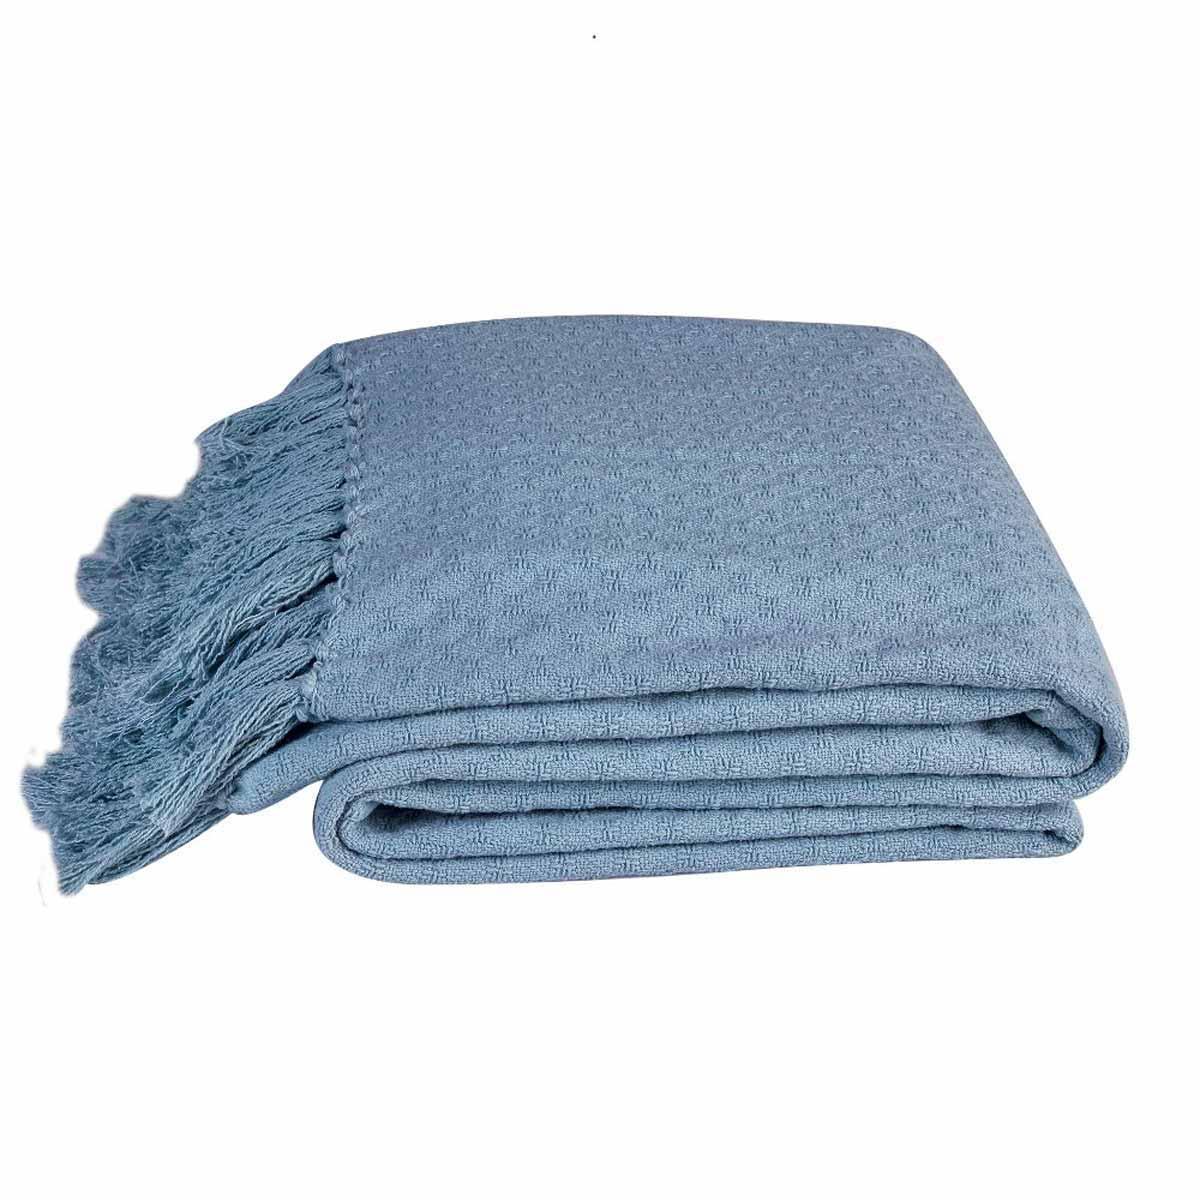 Κουβέρτα Πλεκτή King Size 2 Όψεων Kentia Loft Priya 19